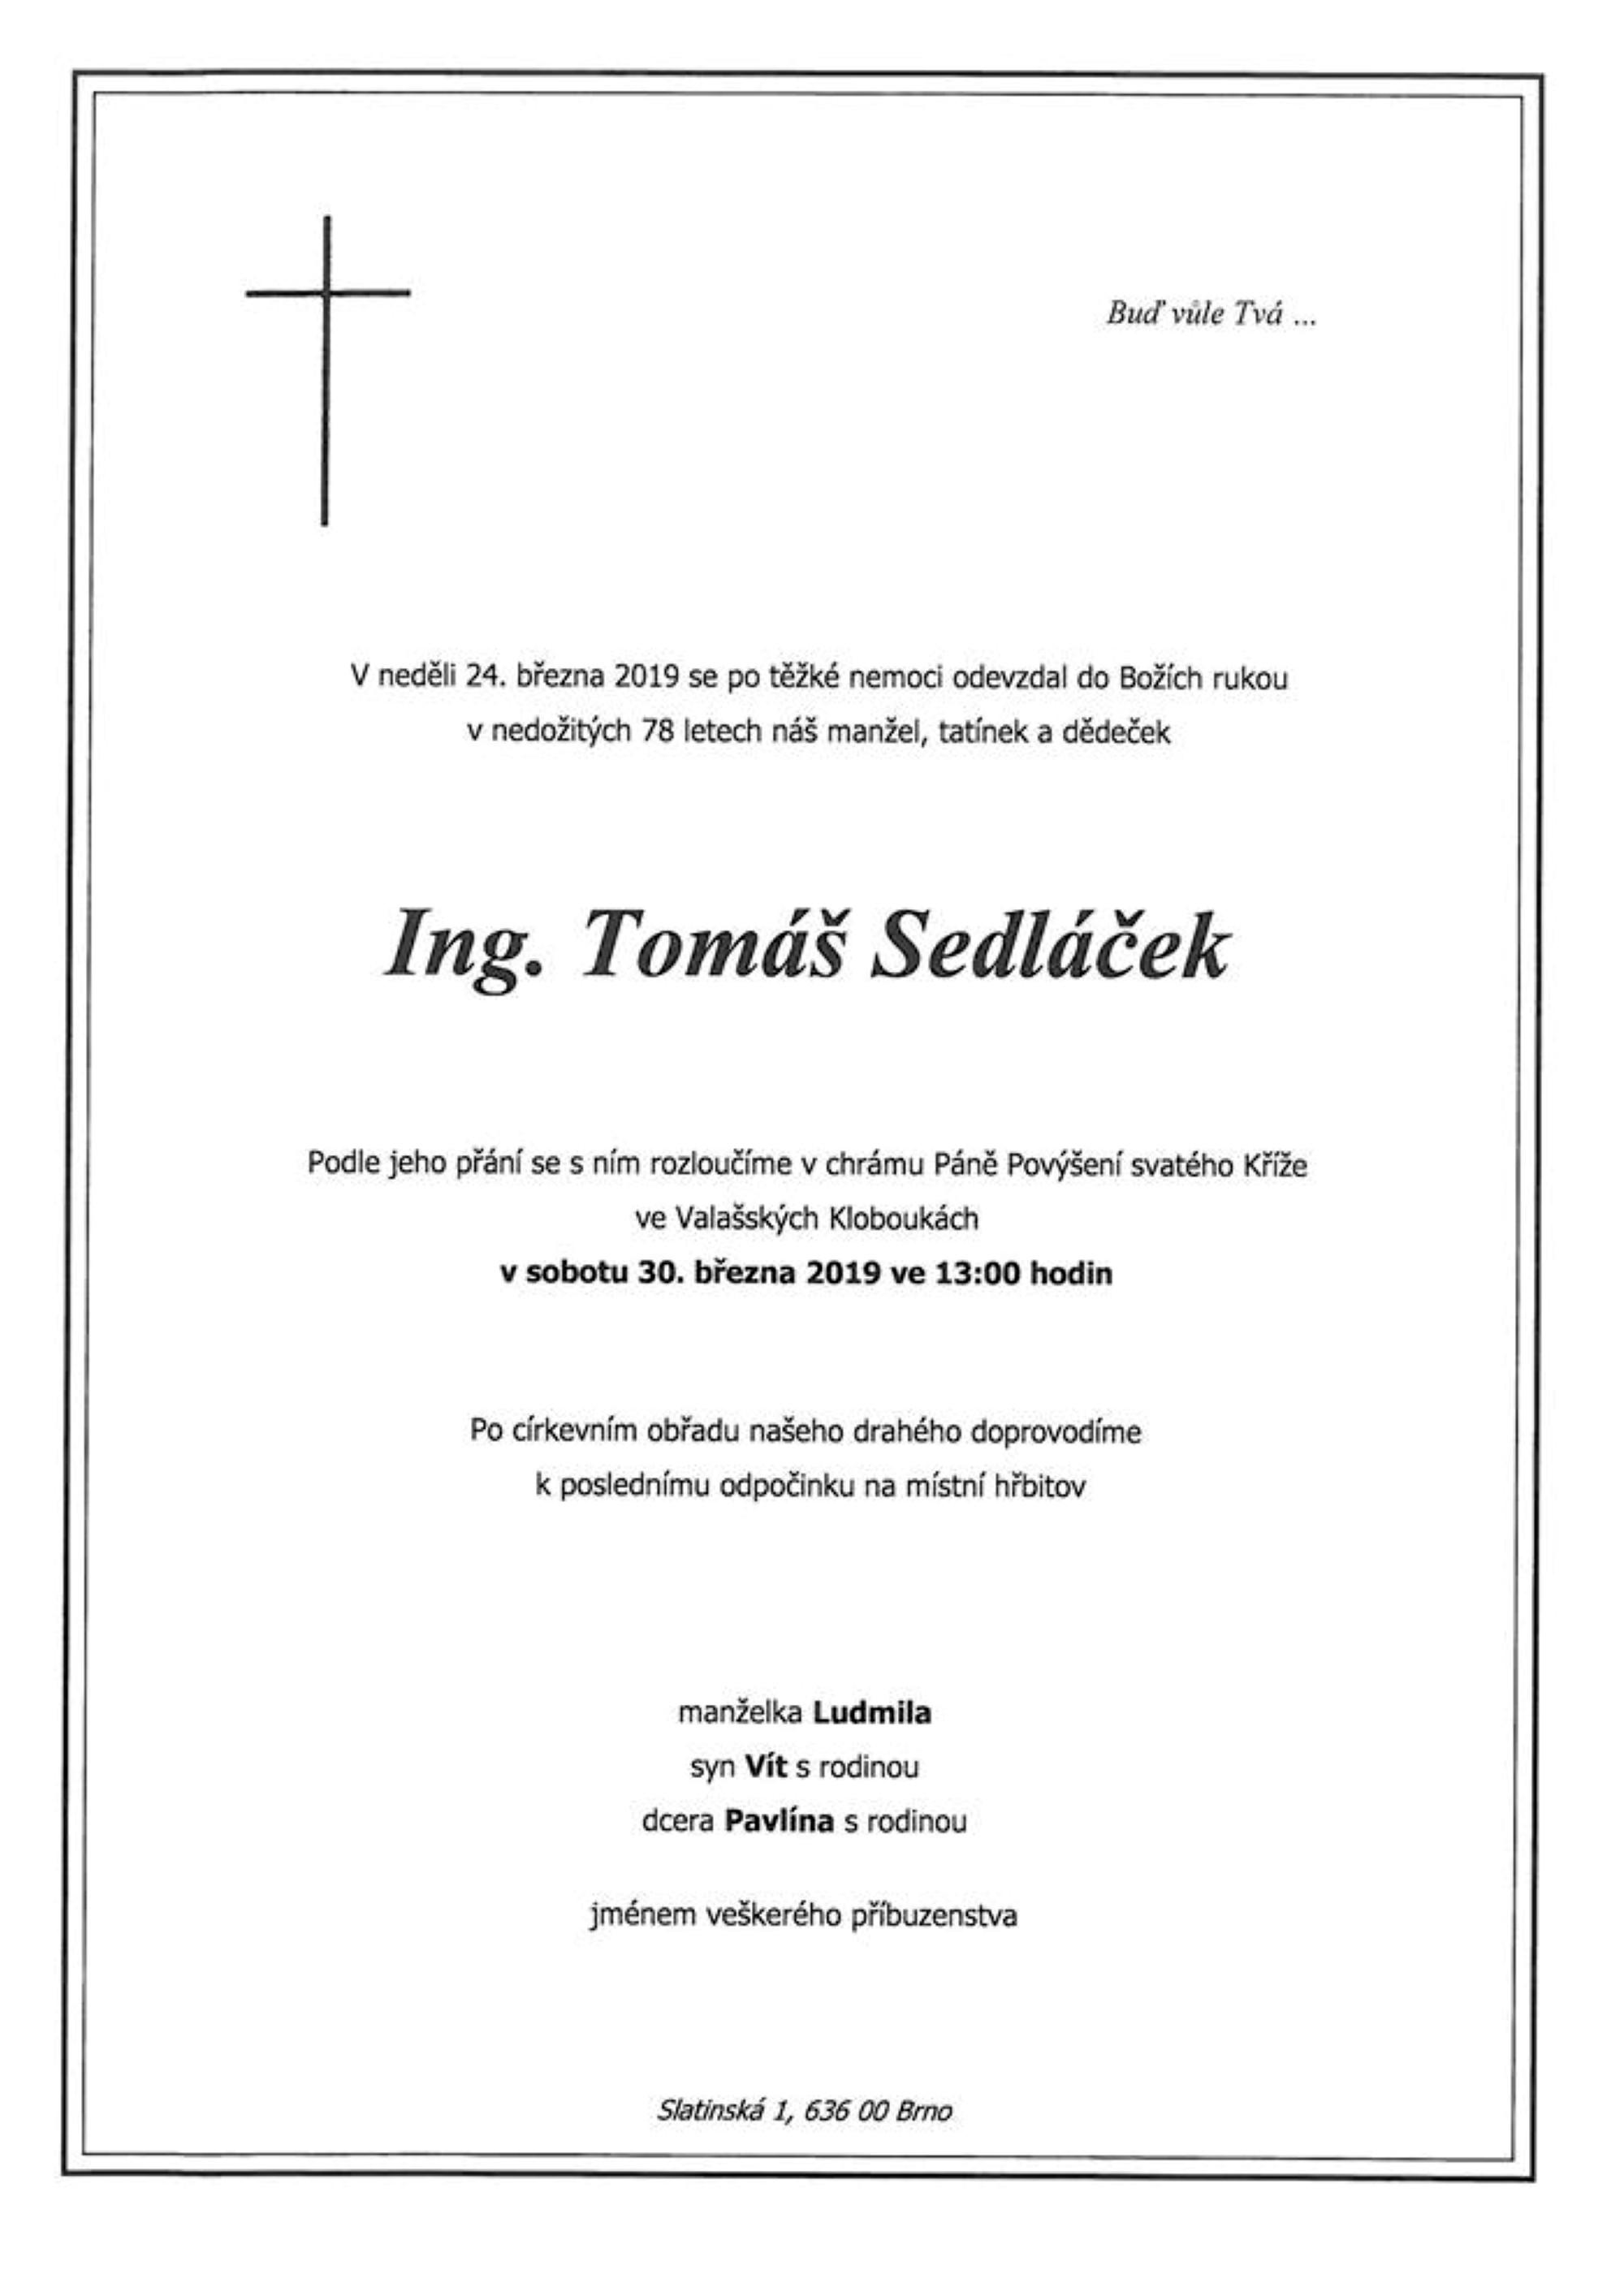 Ing. Tomáš Sedláček